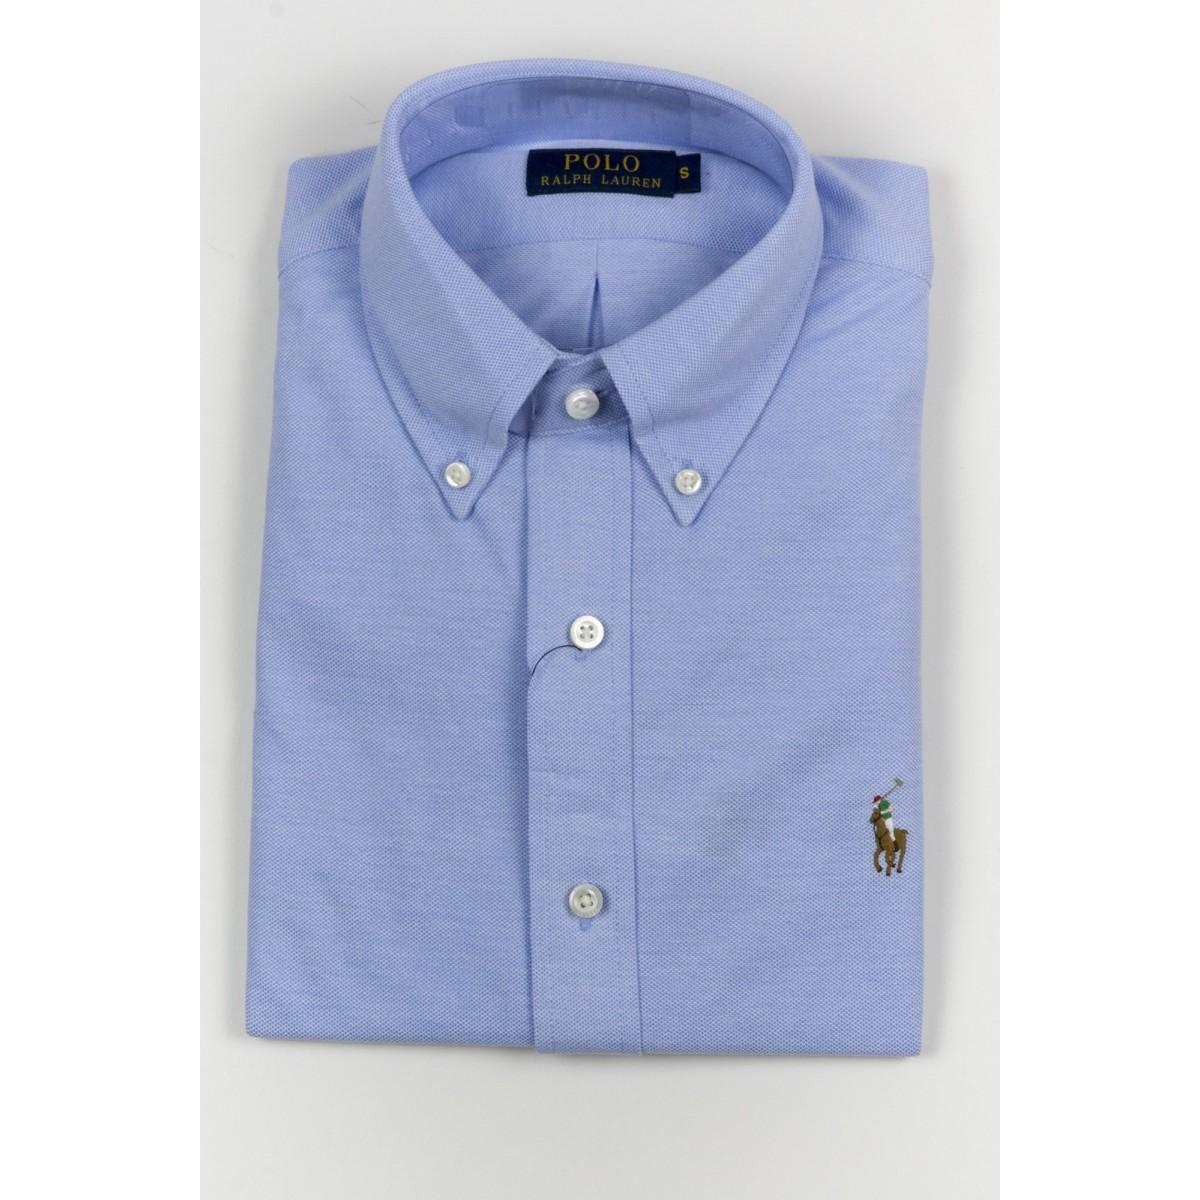 Shirt Ralph Lauren Man - A18Kscn7Cggfq D4QXC - azzurro